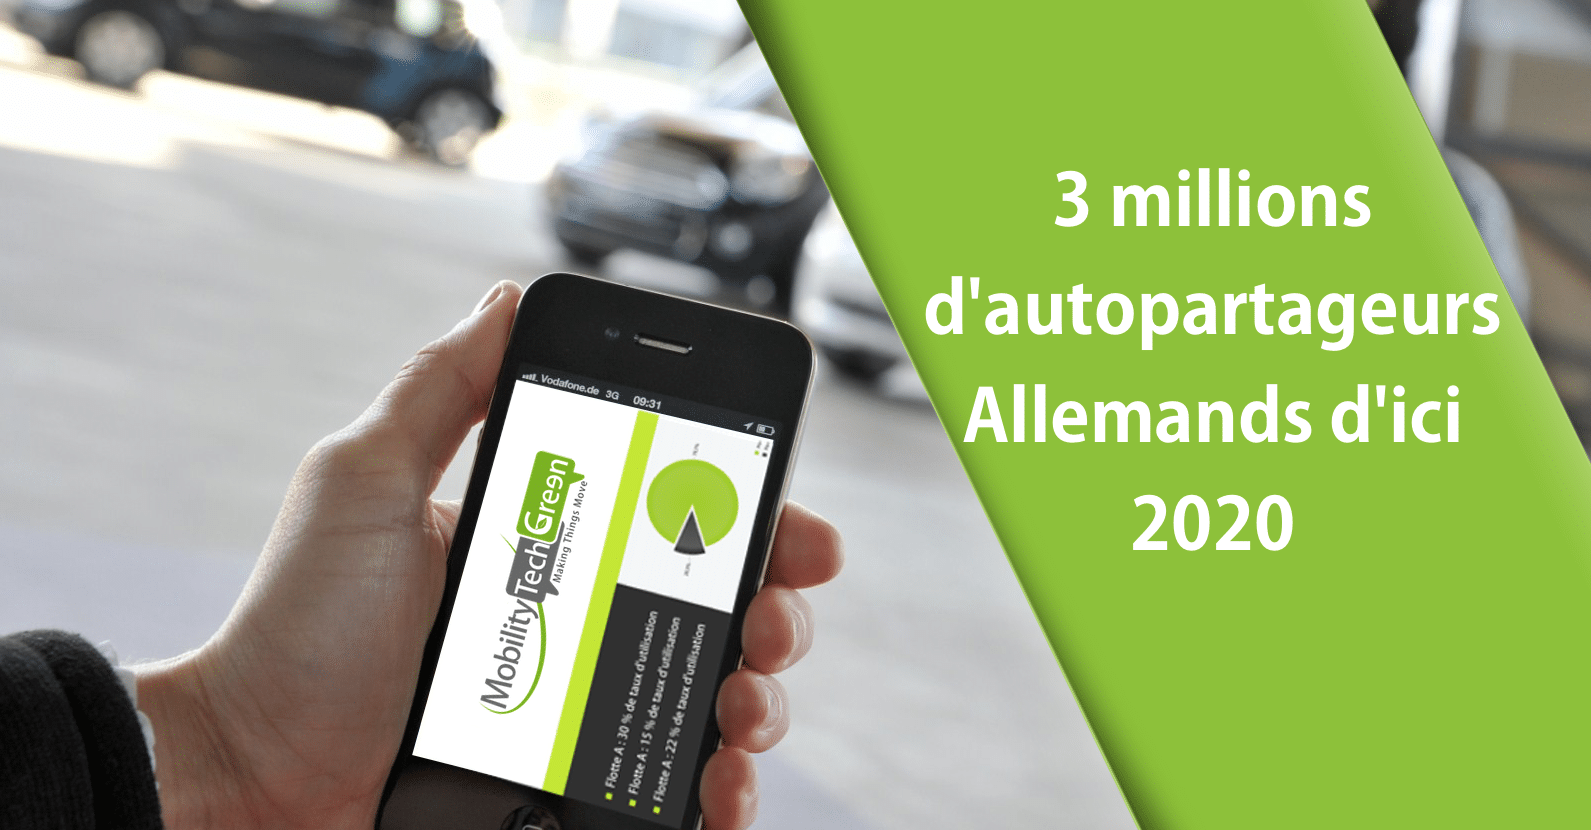 Autopartage en Allemagne : un marché potentiel de 35 milliards d'euros par an